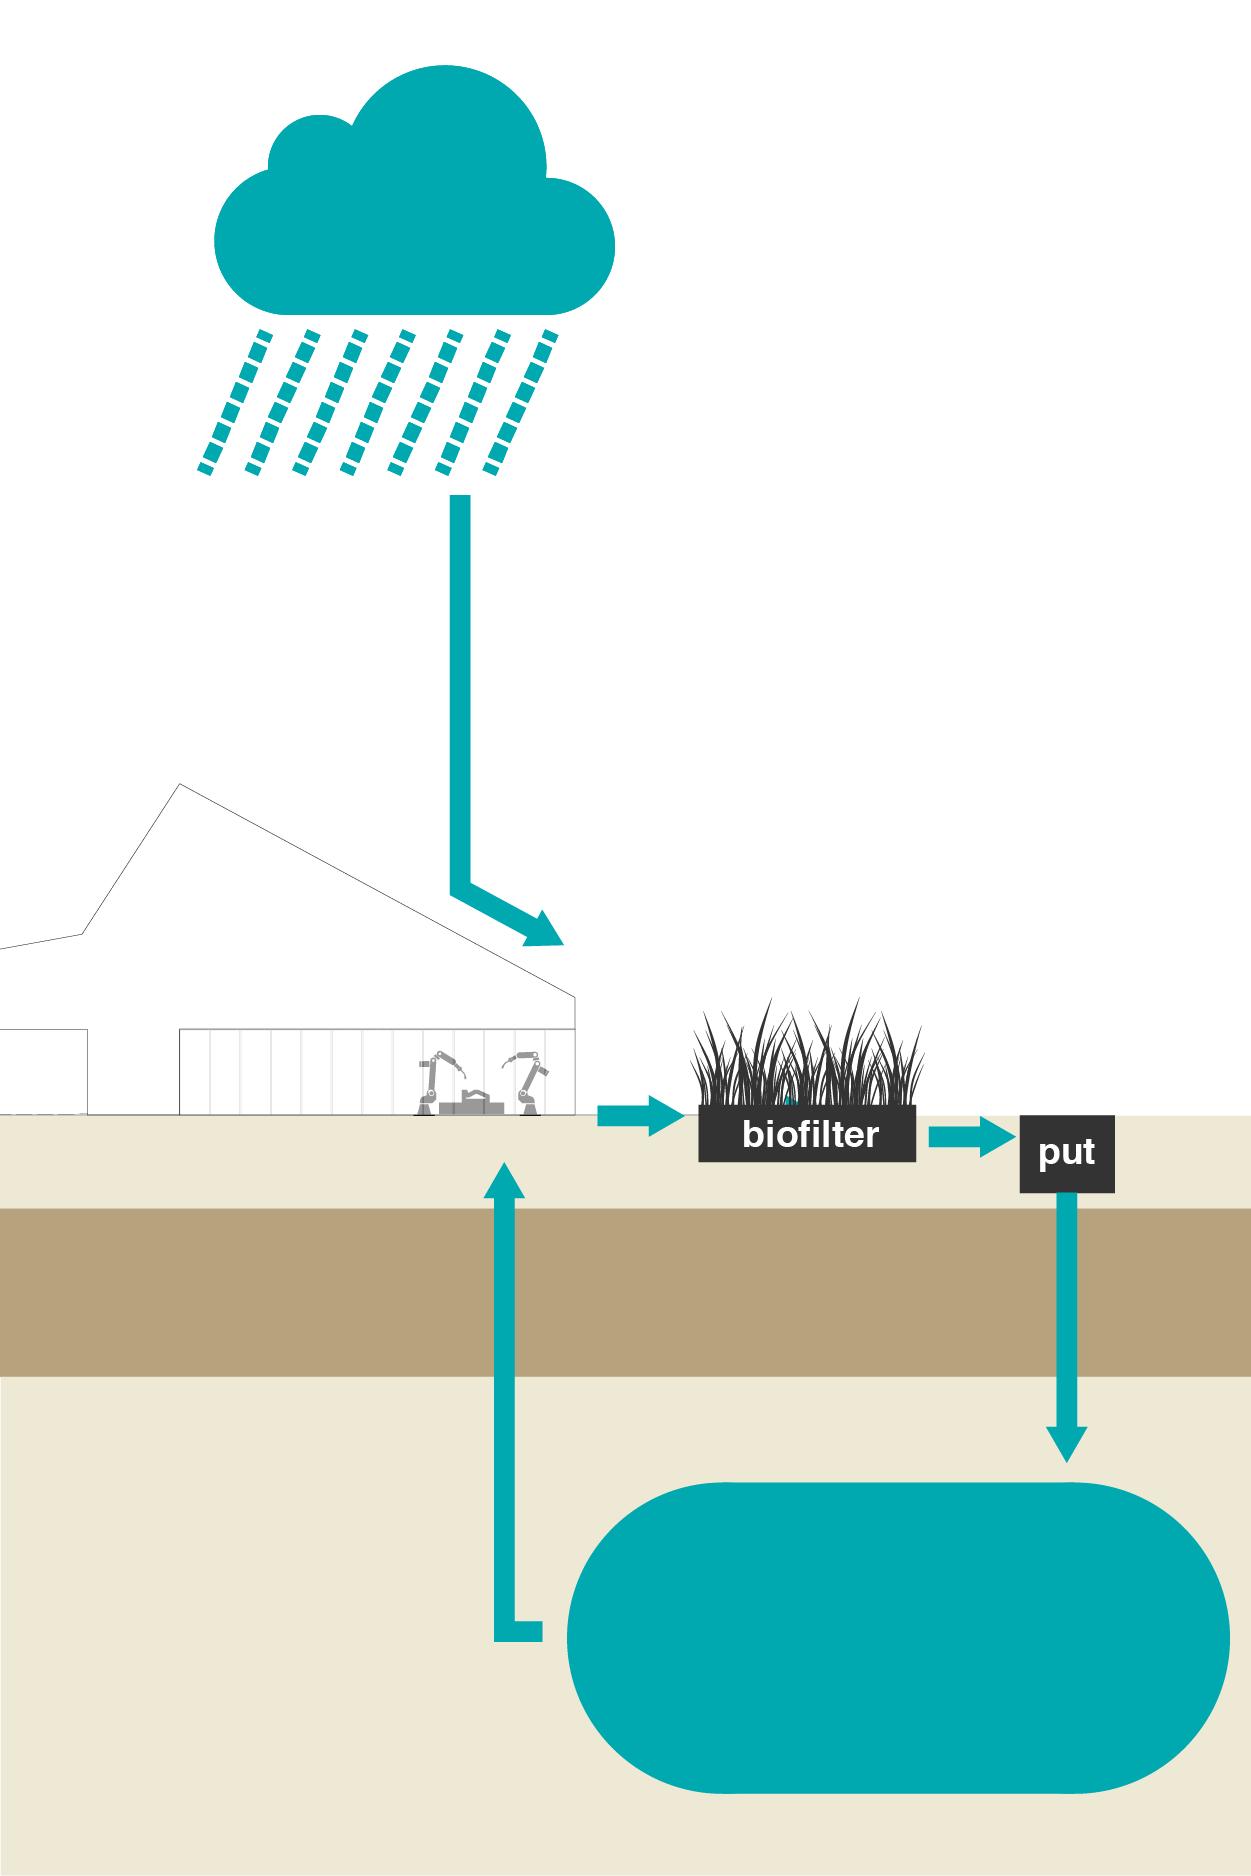 De watervoetafdruk verkleinen - Systeemcomponenten: biofilter en installaties.Bluebloqs kan hemel- en/of afvalwater zuiveren en opslaan onder jouw terrein. Zo wordt lozing op het riool verminderd en wordt tegelijkertijd een nieuwe zoetwaterbron gecreëerd. Het teruggewonnen water kan worden hergebruikt voor bluswater, irrigatie of industriële processen. Op deze manier verkleint de watervoetafdruk van jouw bedrijf en bespaar je op de waterrekening.Deze oplossing is geschikt voor grote bedrijven met >2ha verhard oppervlak, met een waterverbruik van >10.000 m3 per jaar, zoals sportfaciliteiten, hotel- en wellnessresorts, markthallen en industrieën.